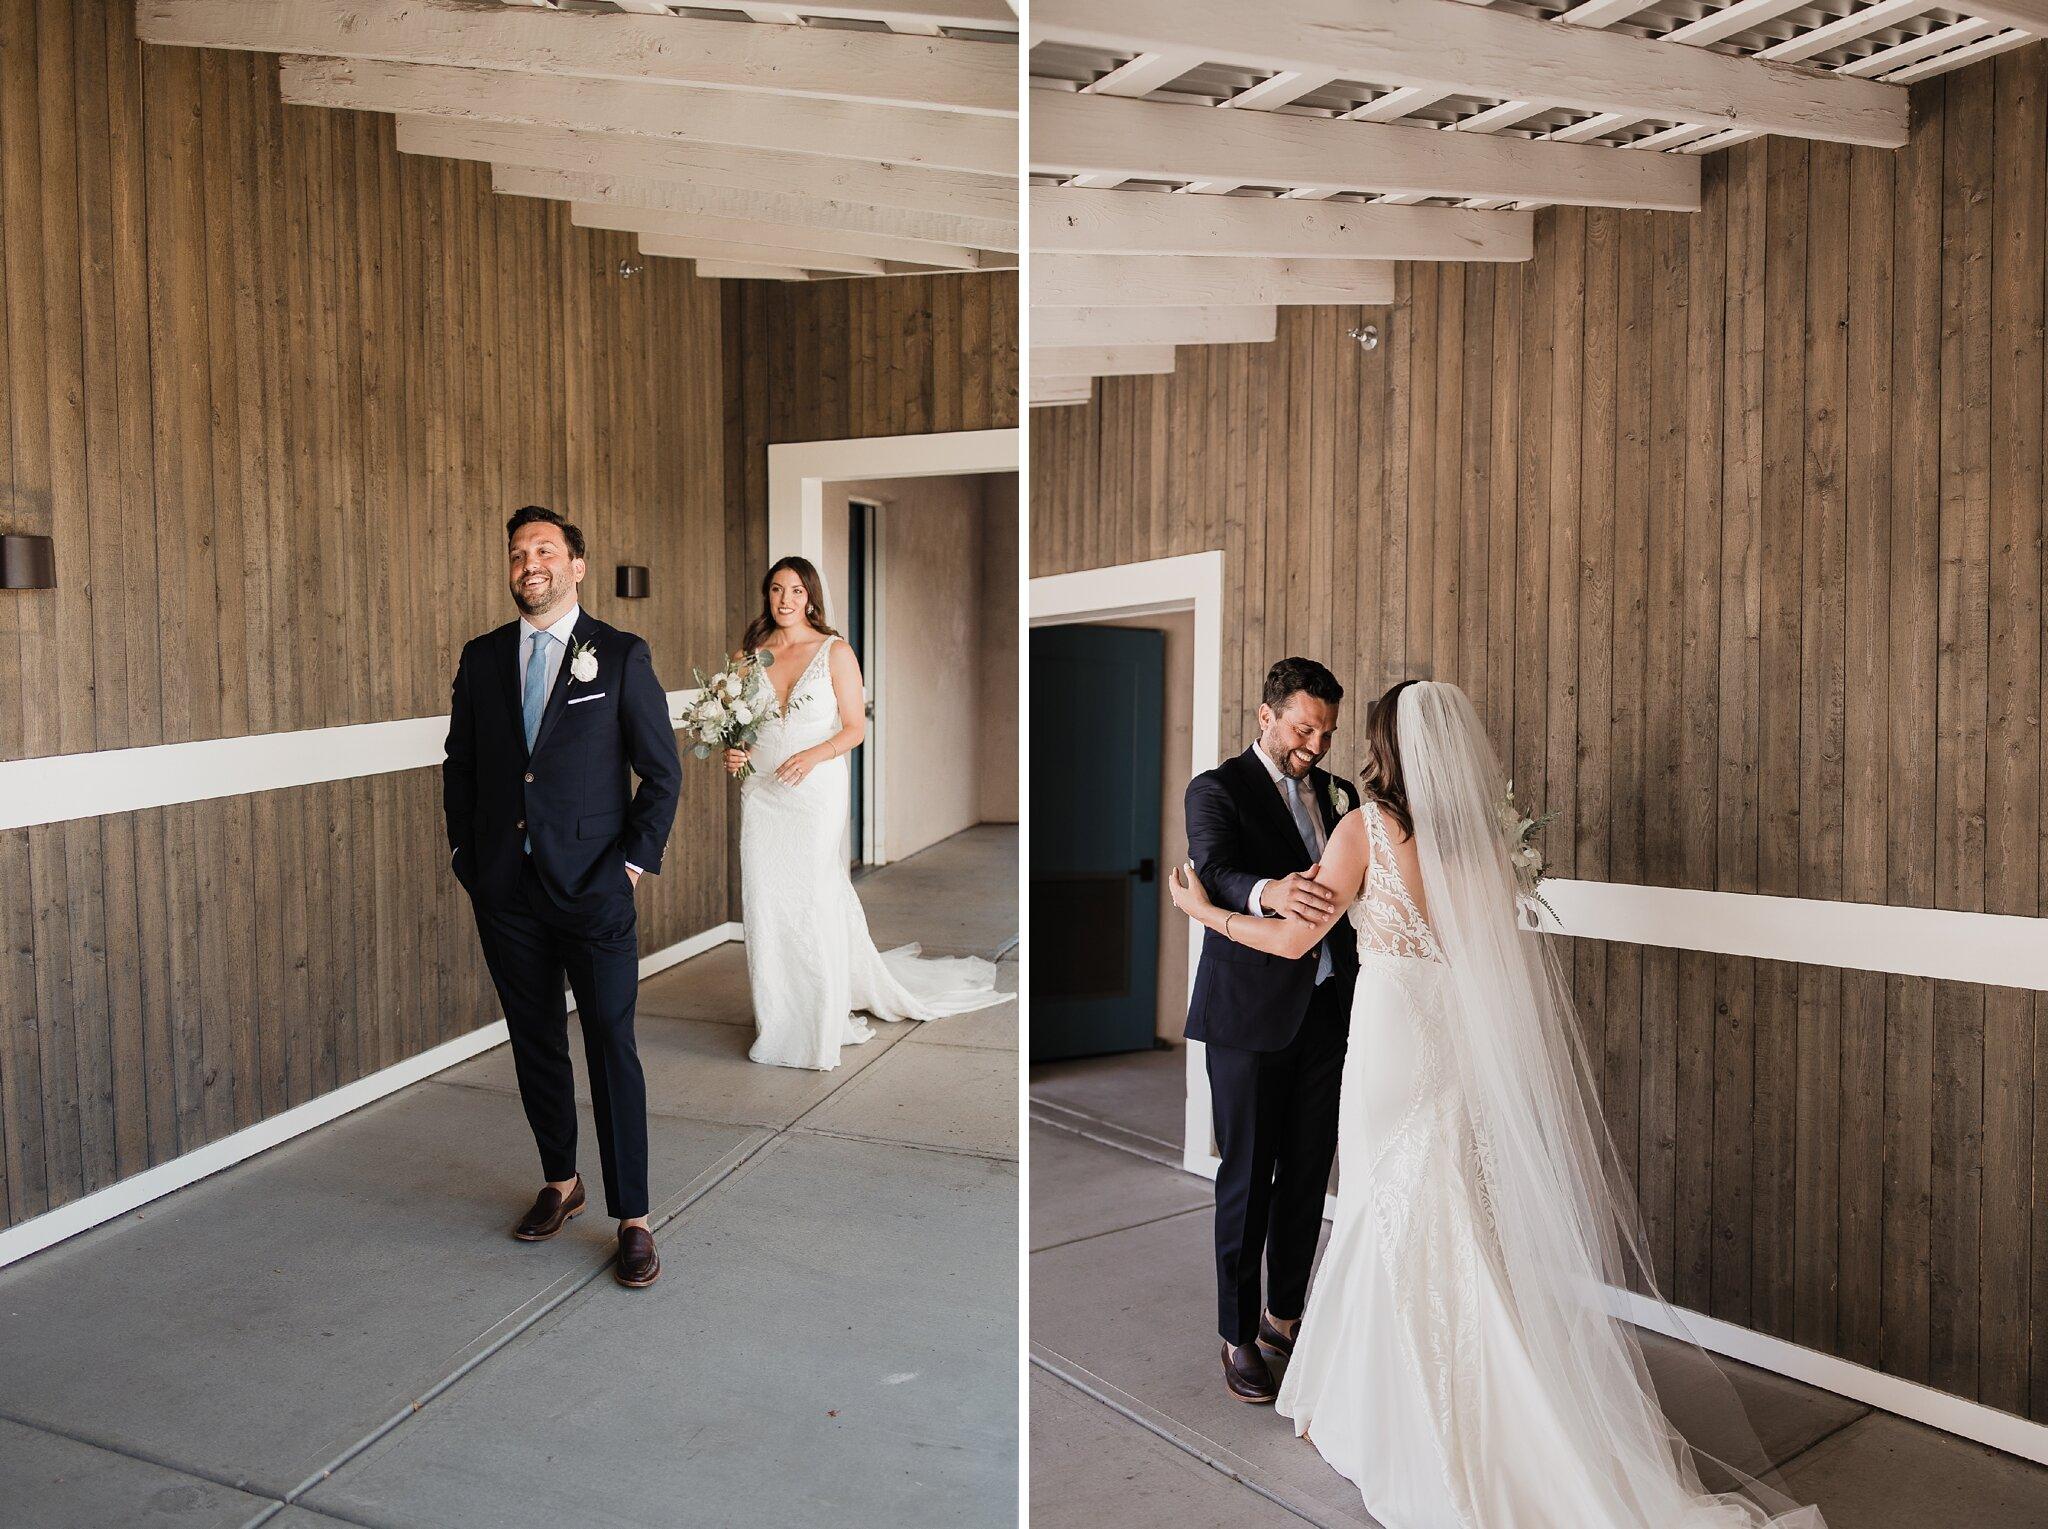 Alicia+lucia+photography+-+albuquerque+wedding+photographer+-+santa+fe+wedding+photography+-+new+mexico+wedding+photographer+-+new+mexico+wedding+-+wedding+-+albuquerque+wedding+-+los+poblanos+-+los+poblanos+wedding+-+fall+wedding_0026.jpg